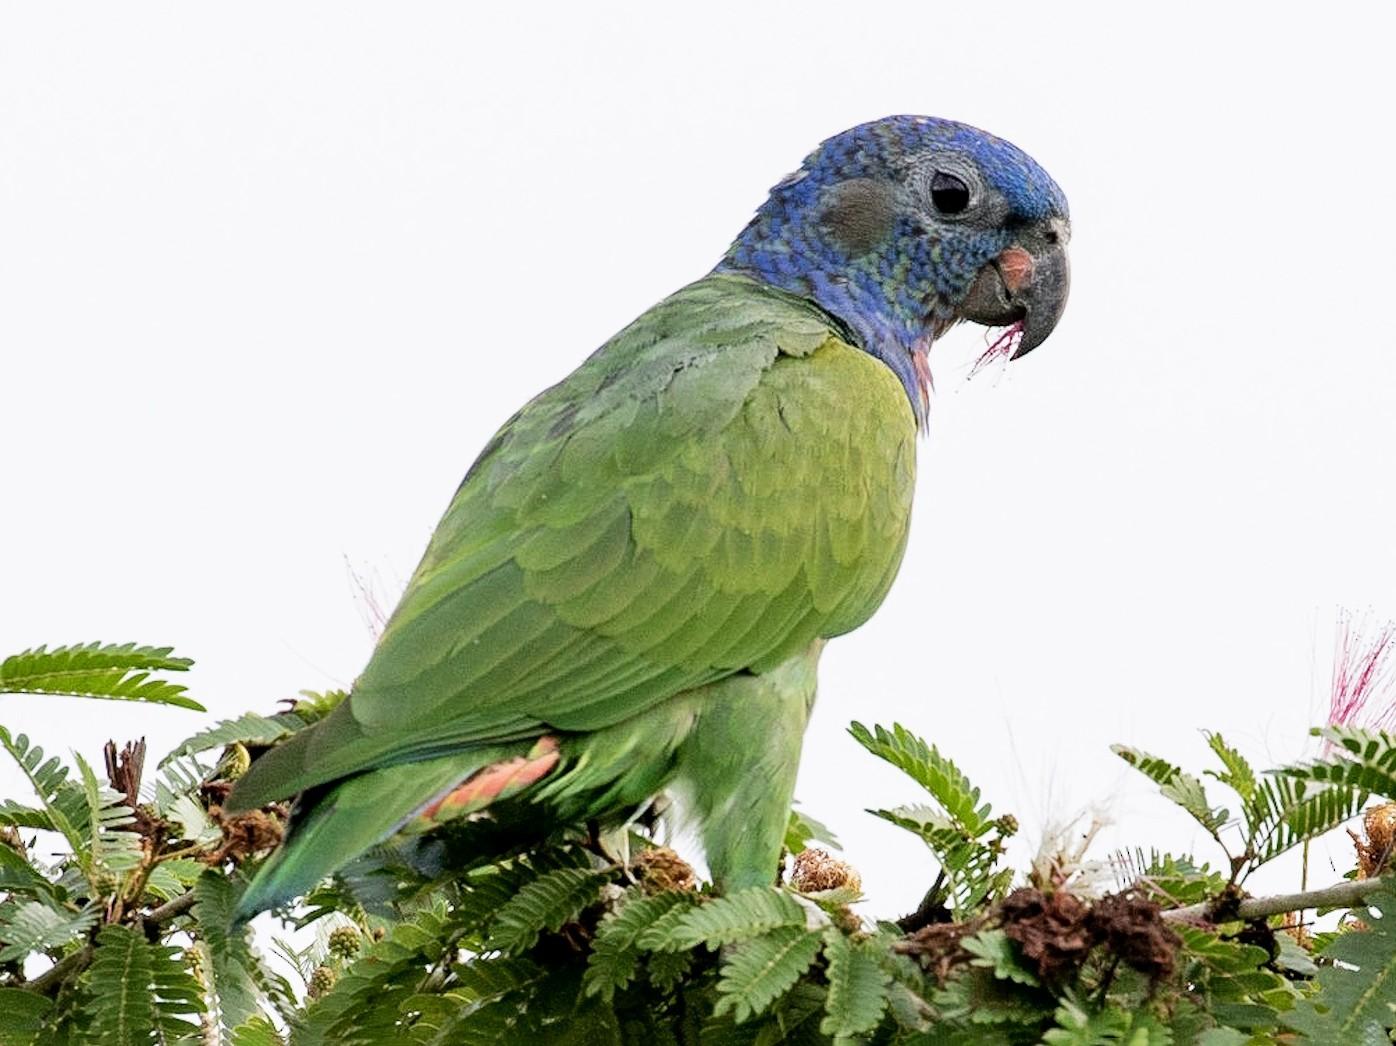 Blue-headed Parrot - Drew Weber